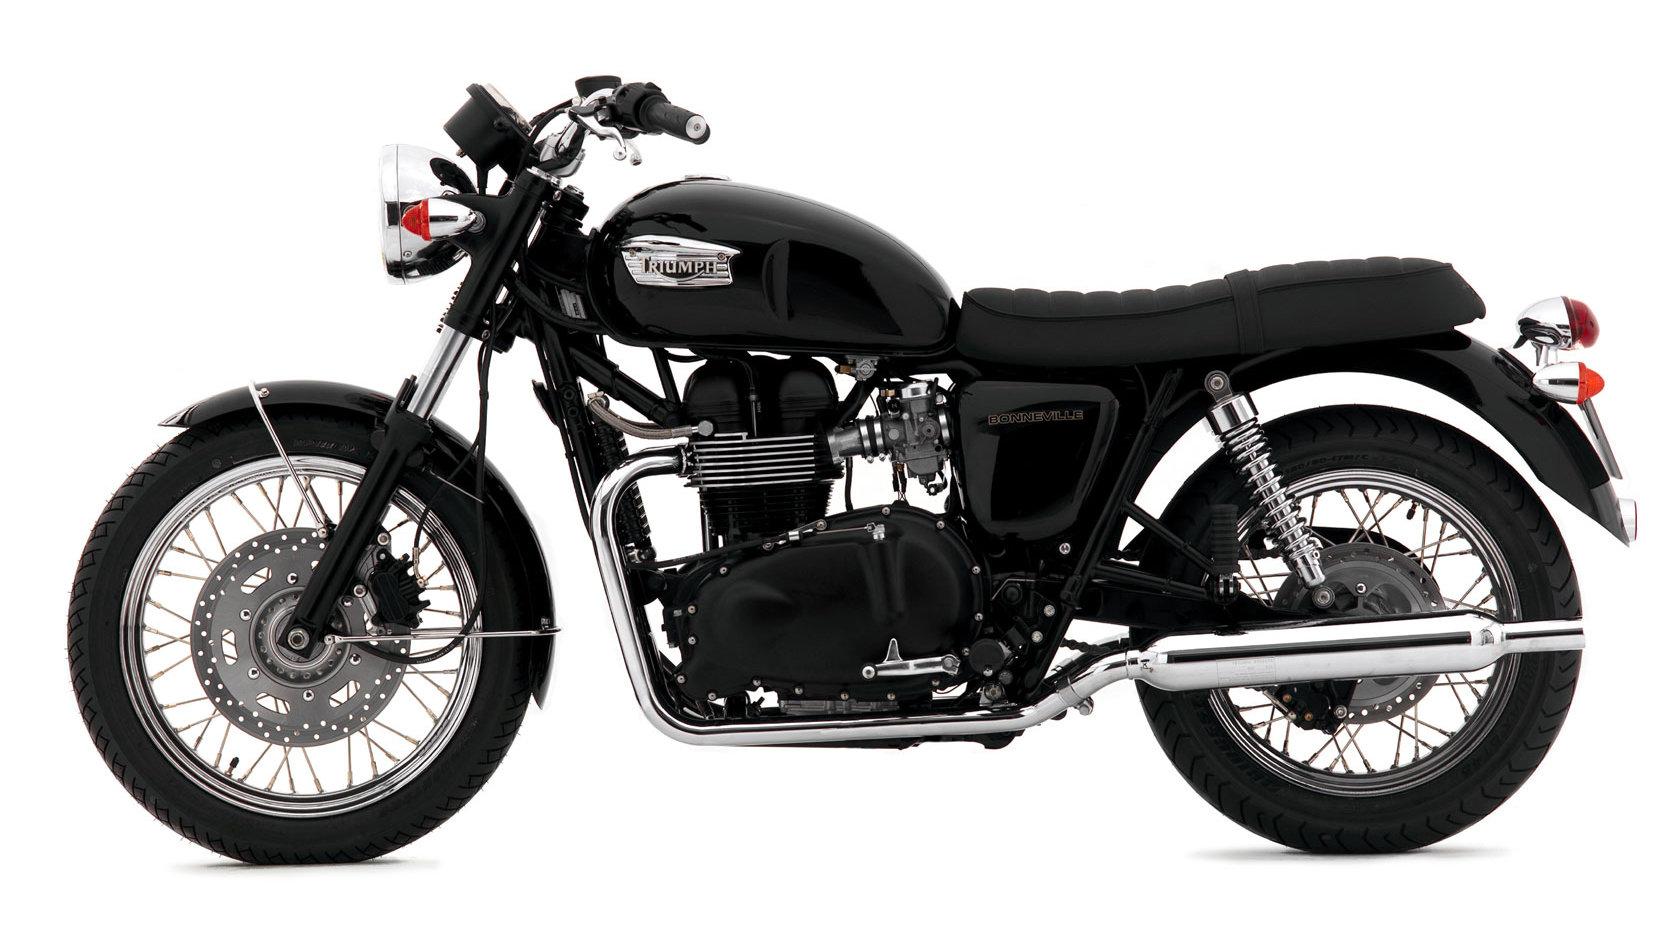 Triumph Bonneville Black 2000